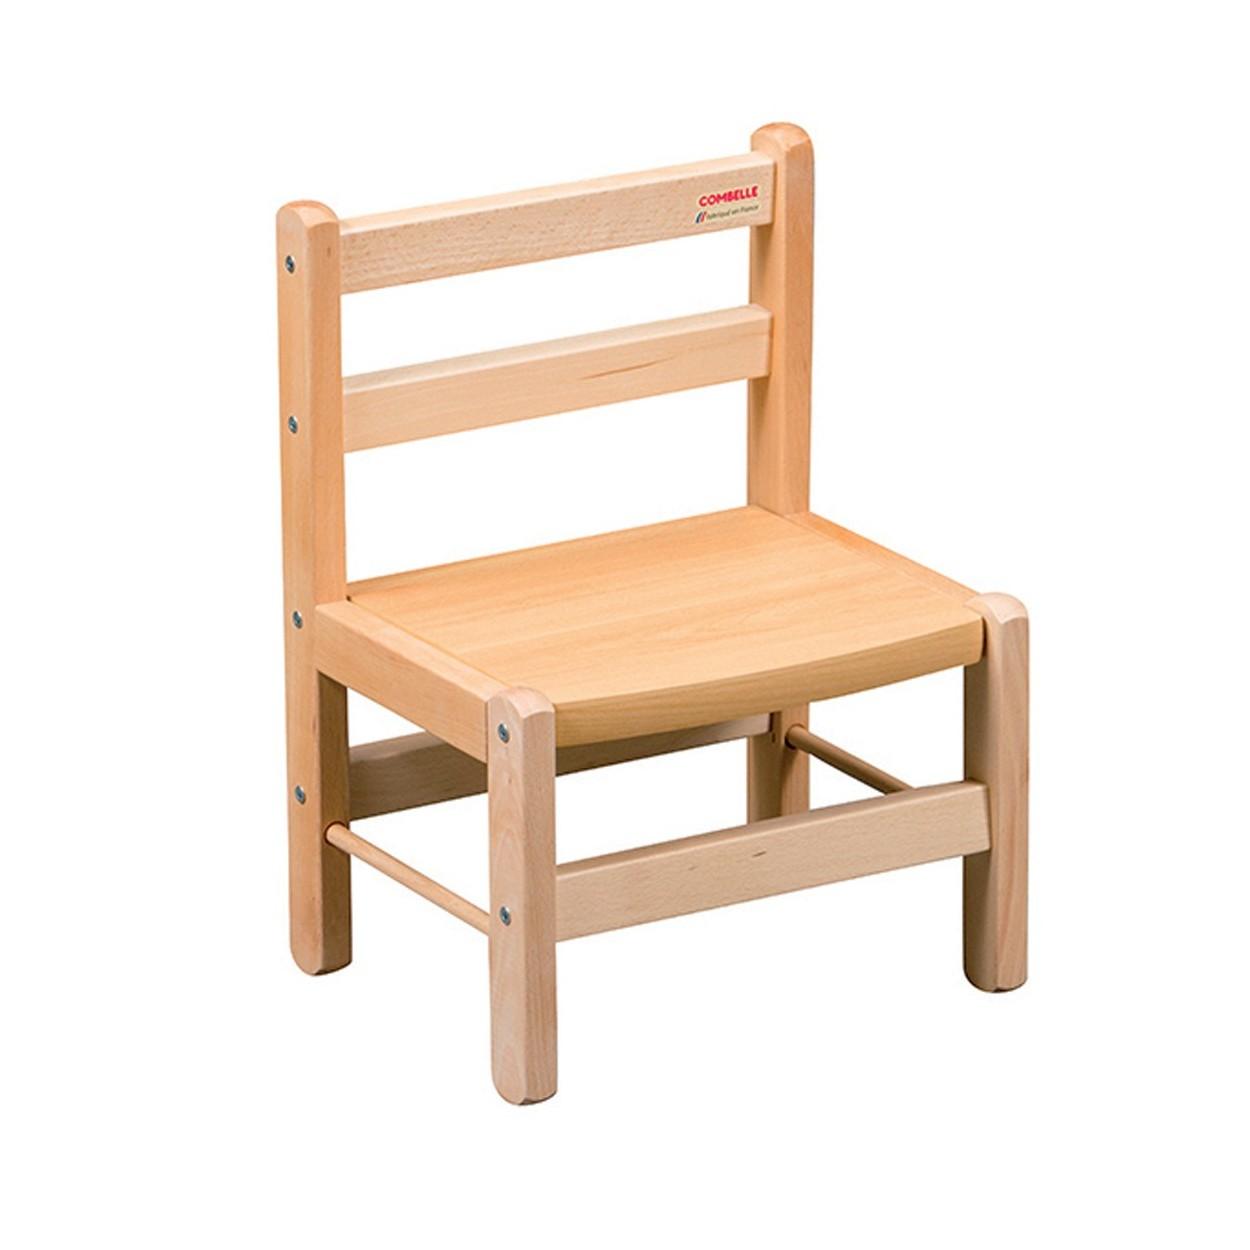 Chaise enfant vernis naturel - 33x46x27 cm